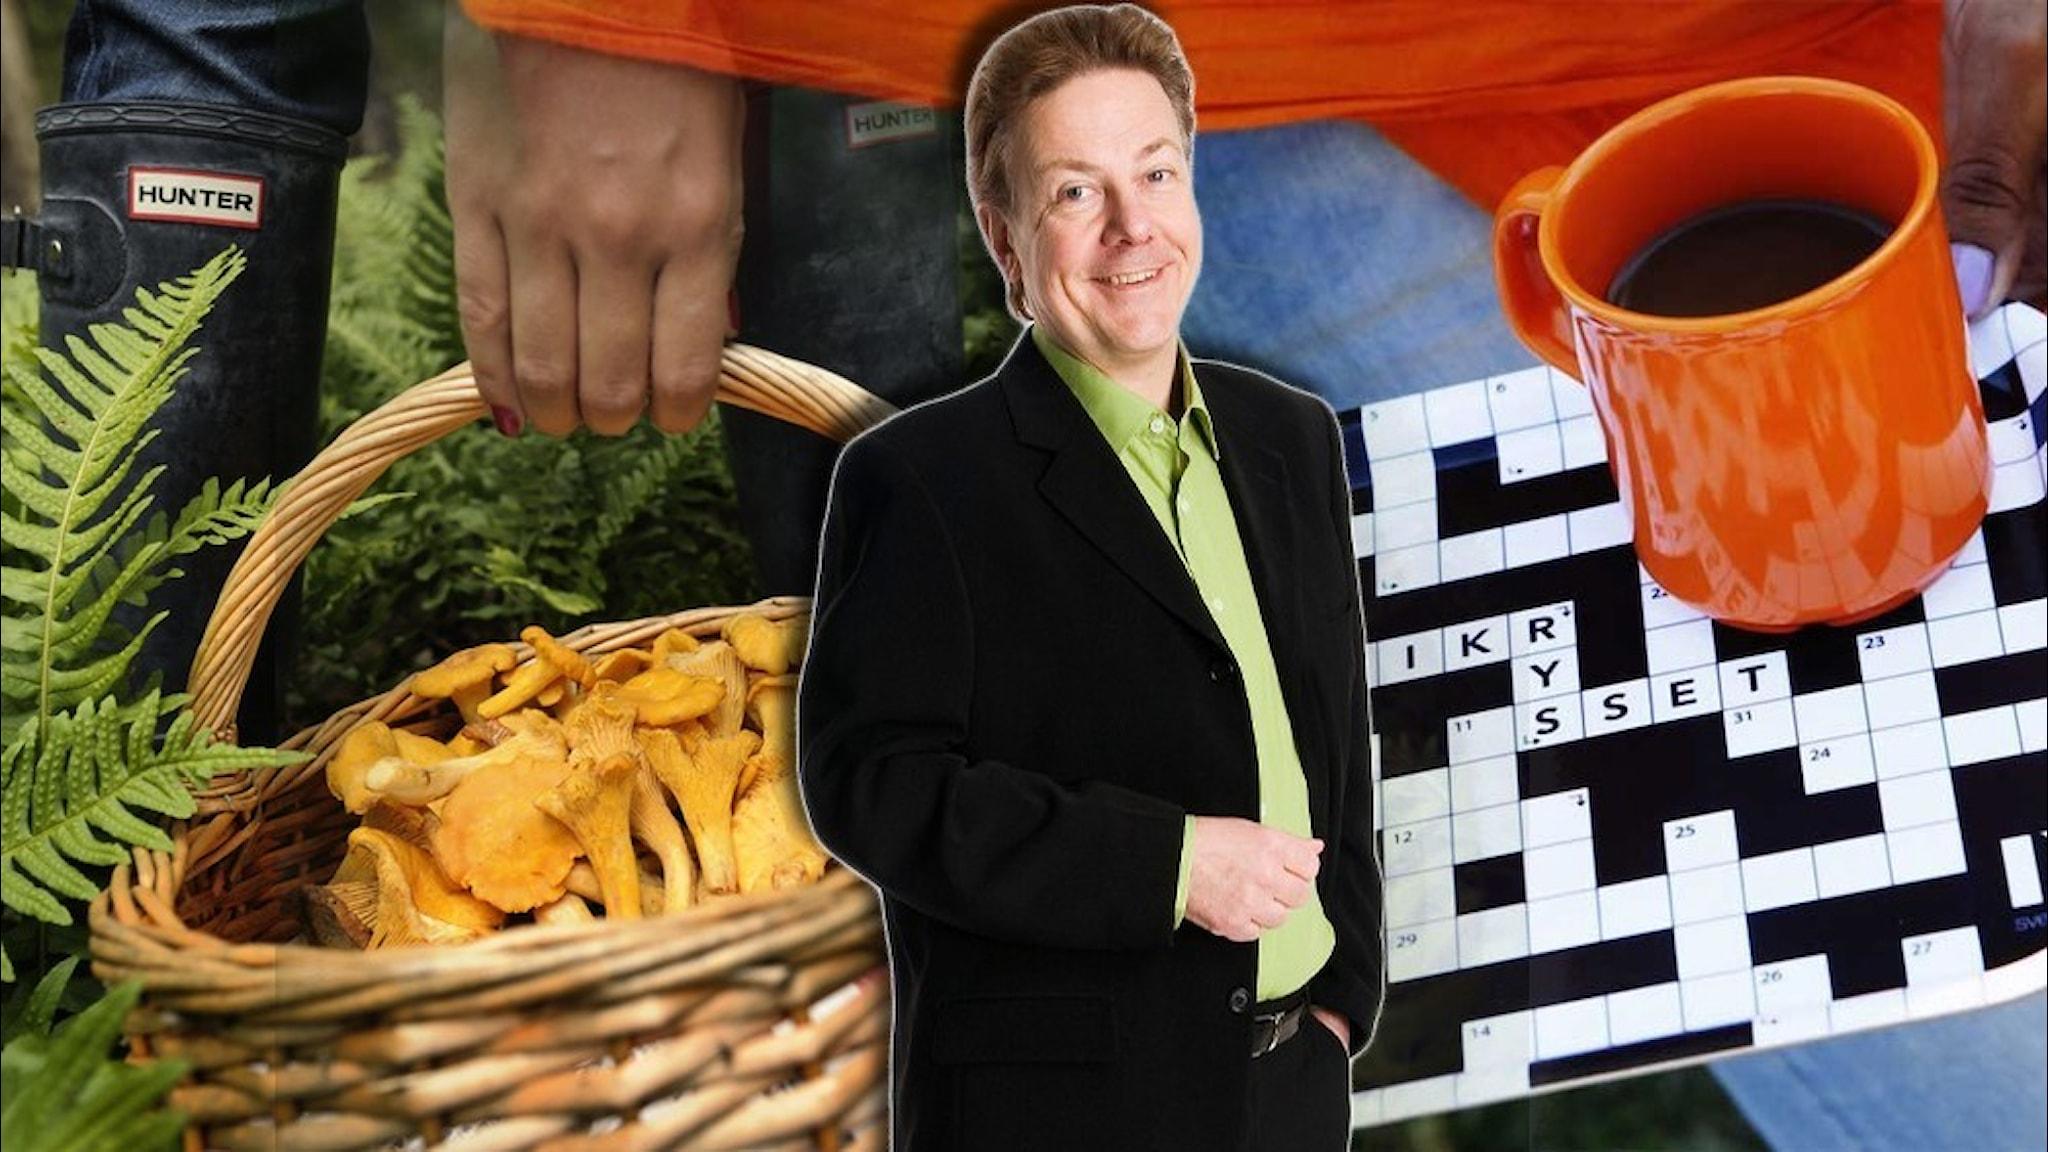 En svampkorg fylld med kantareller och en bricka med korsordsmönster samt en kaffekopp på. Infälld i bilden är programledare Anders Eldeman.